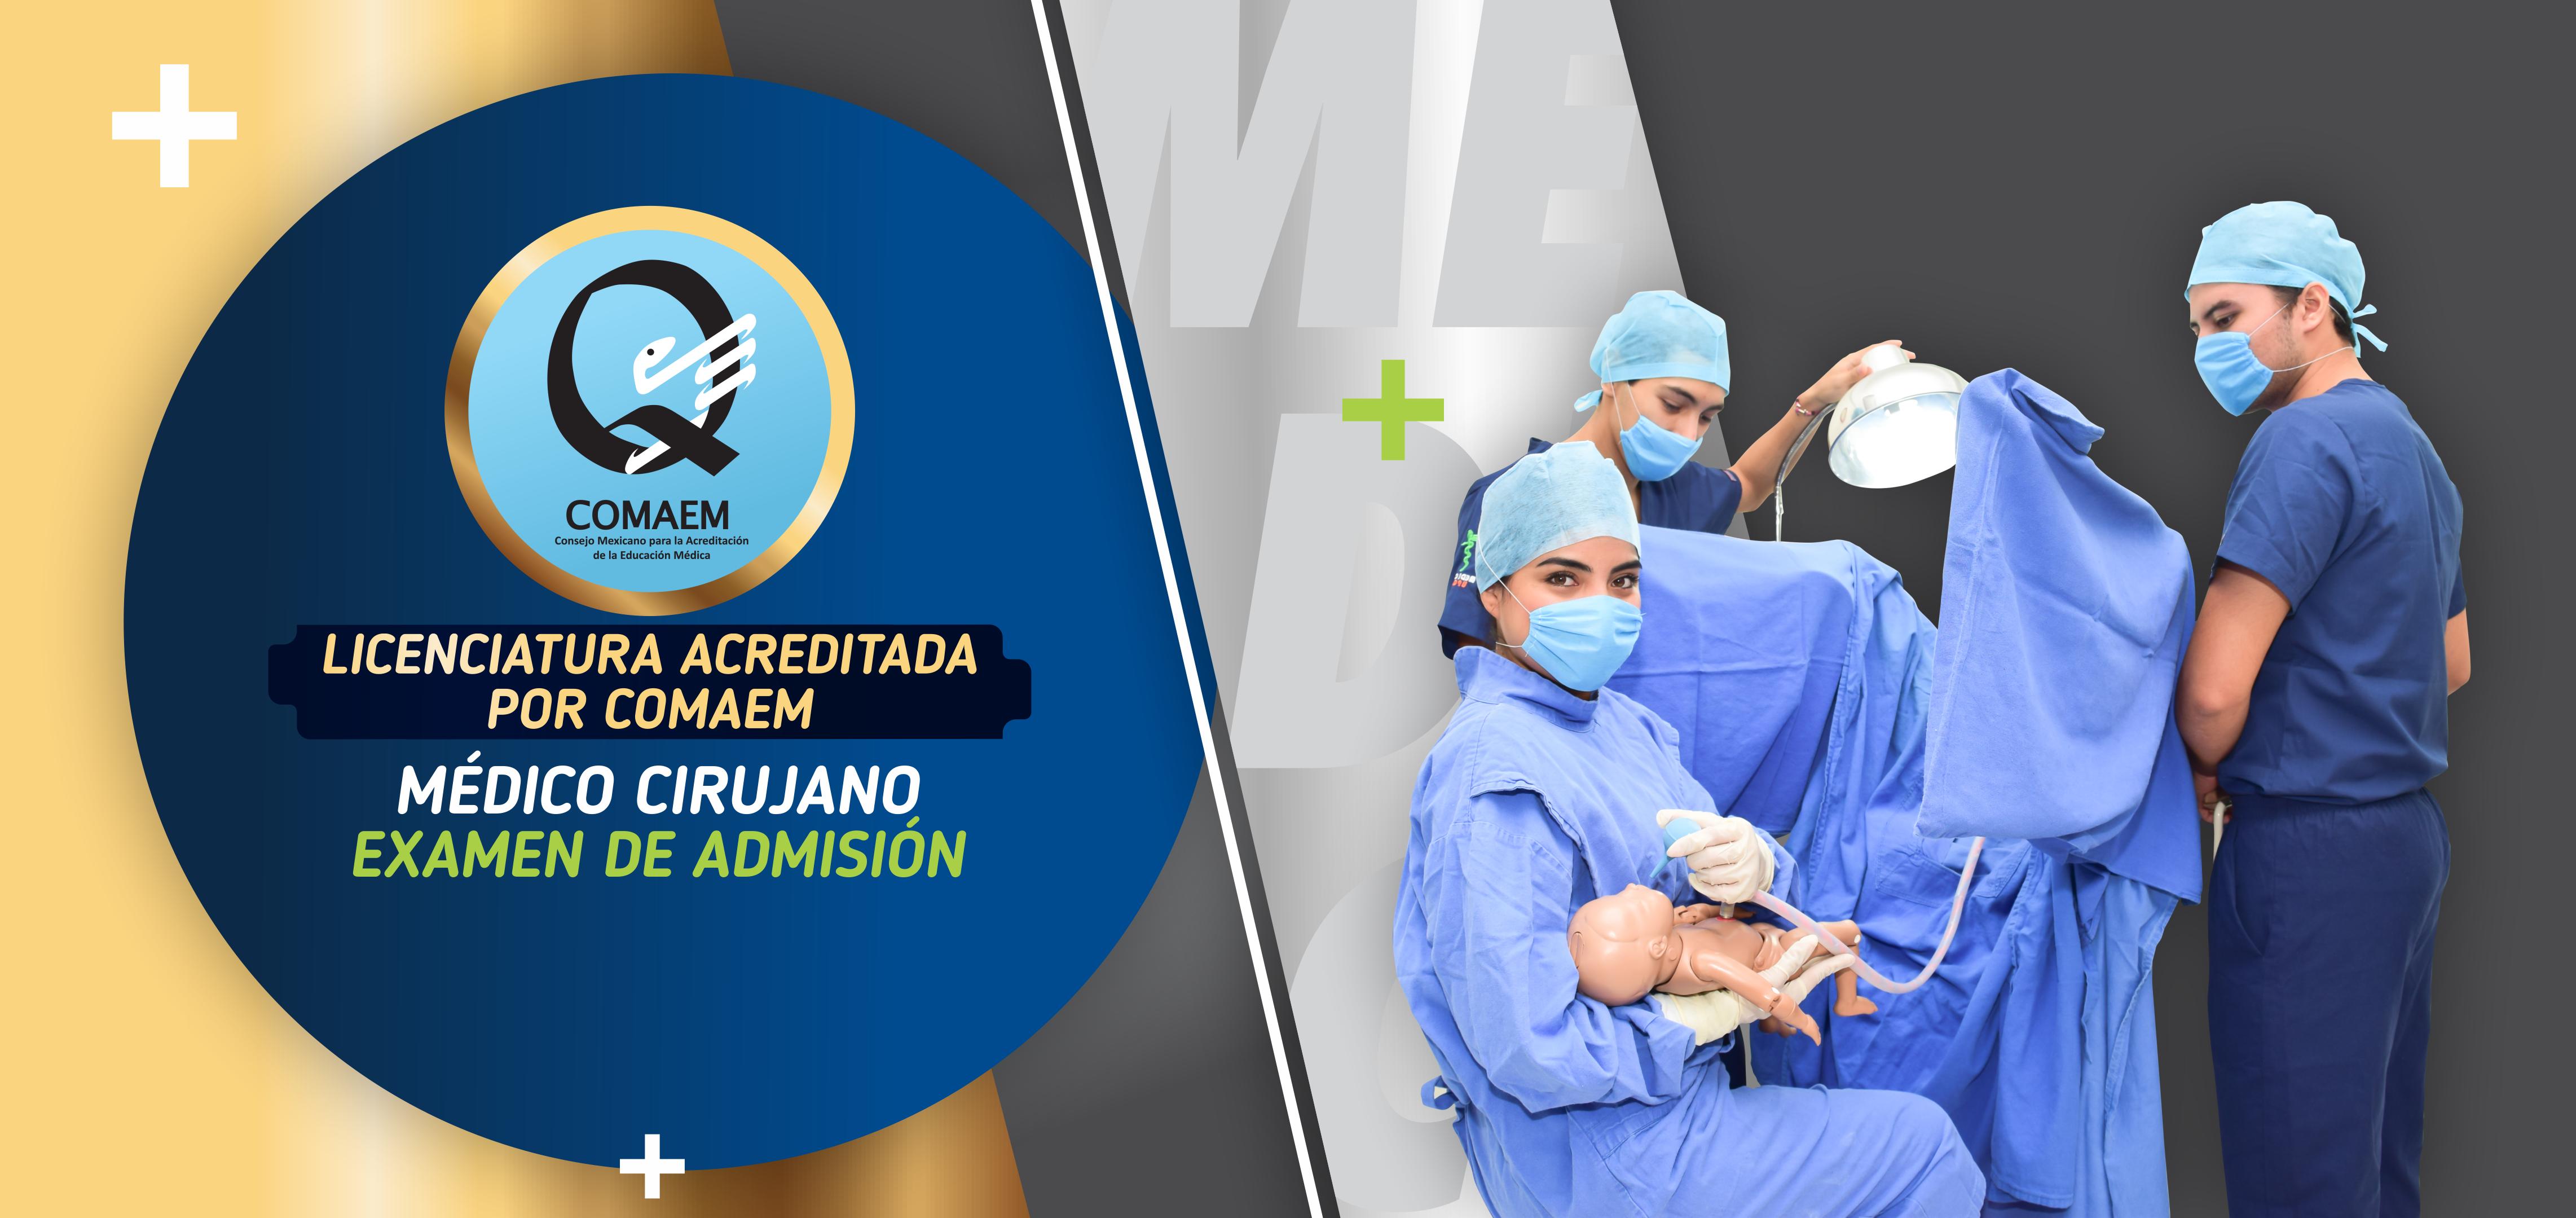 Examen de admisión Médico Cirujano Universidad Pablo Guardado Chávez